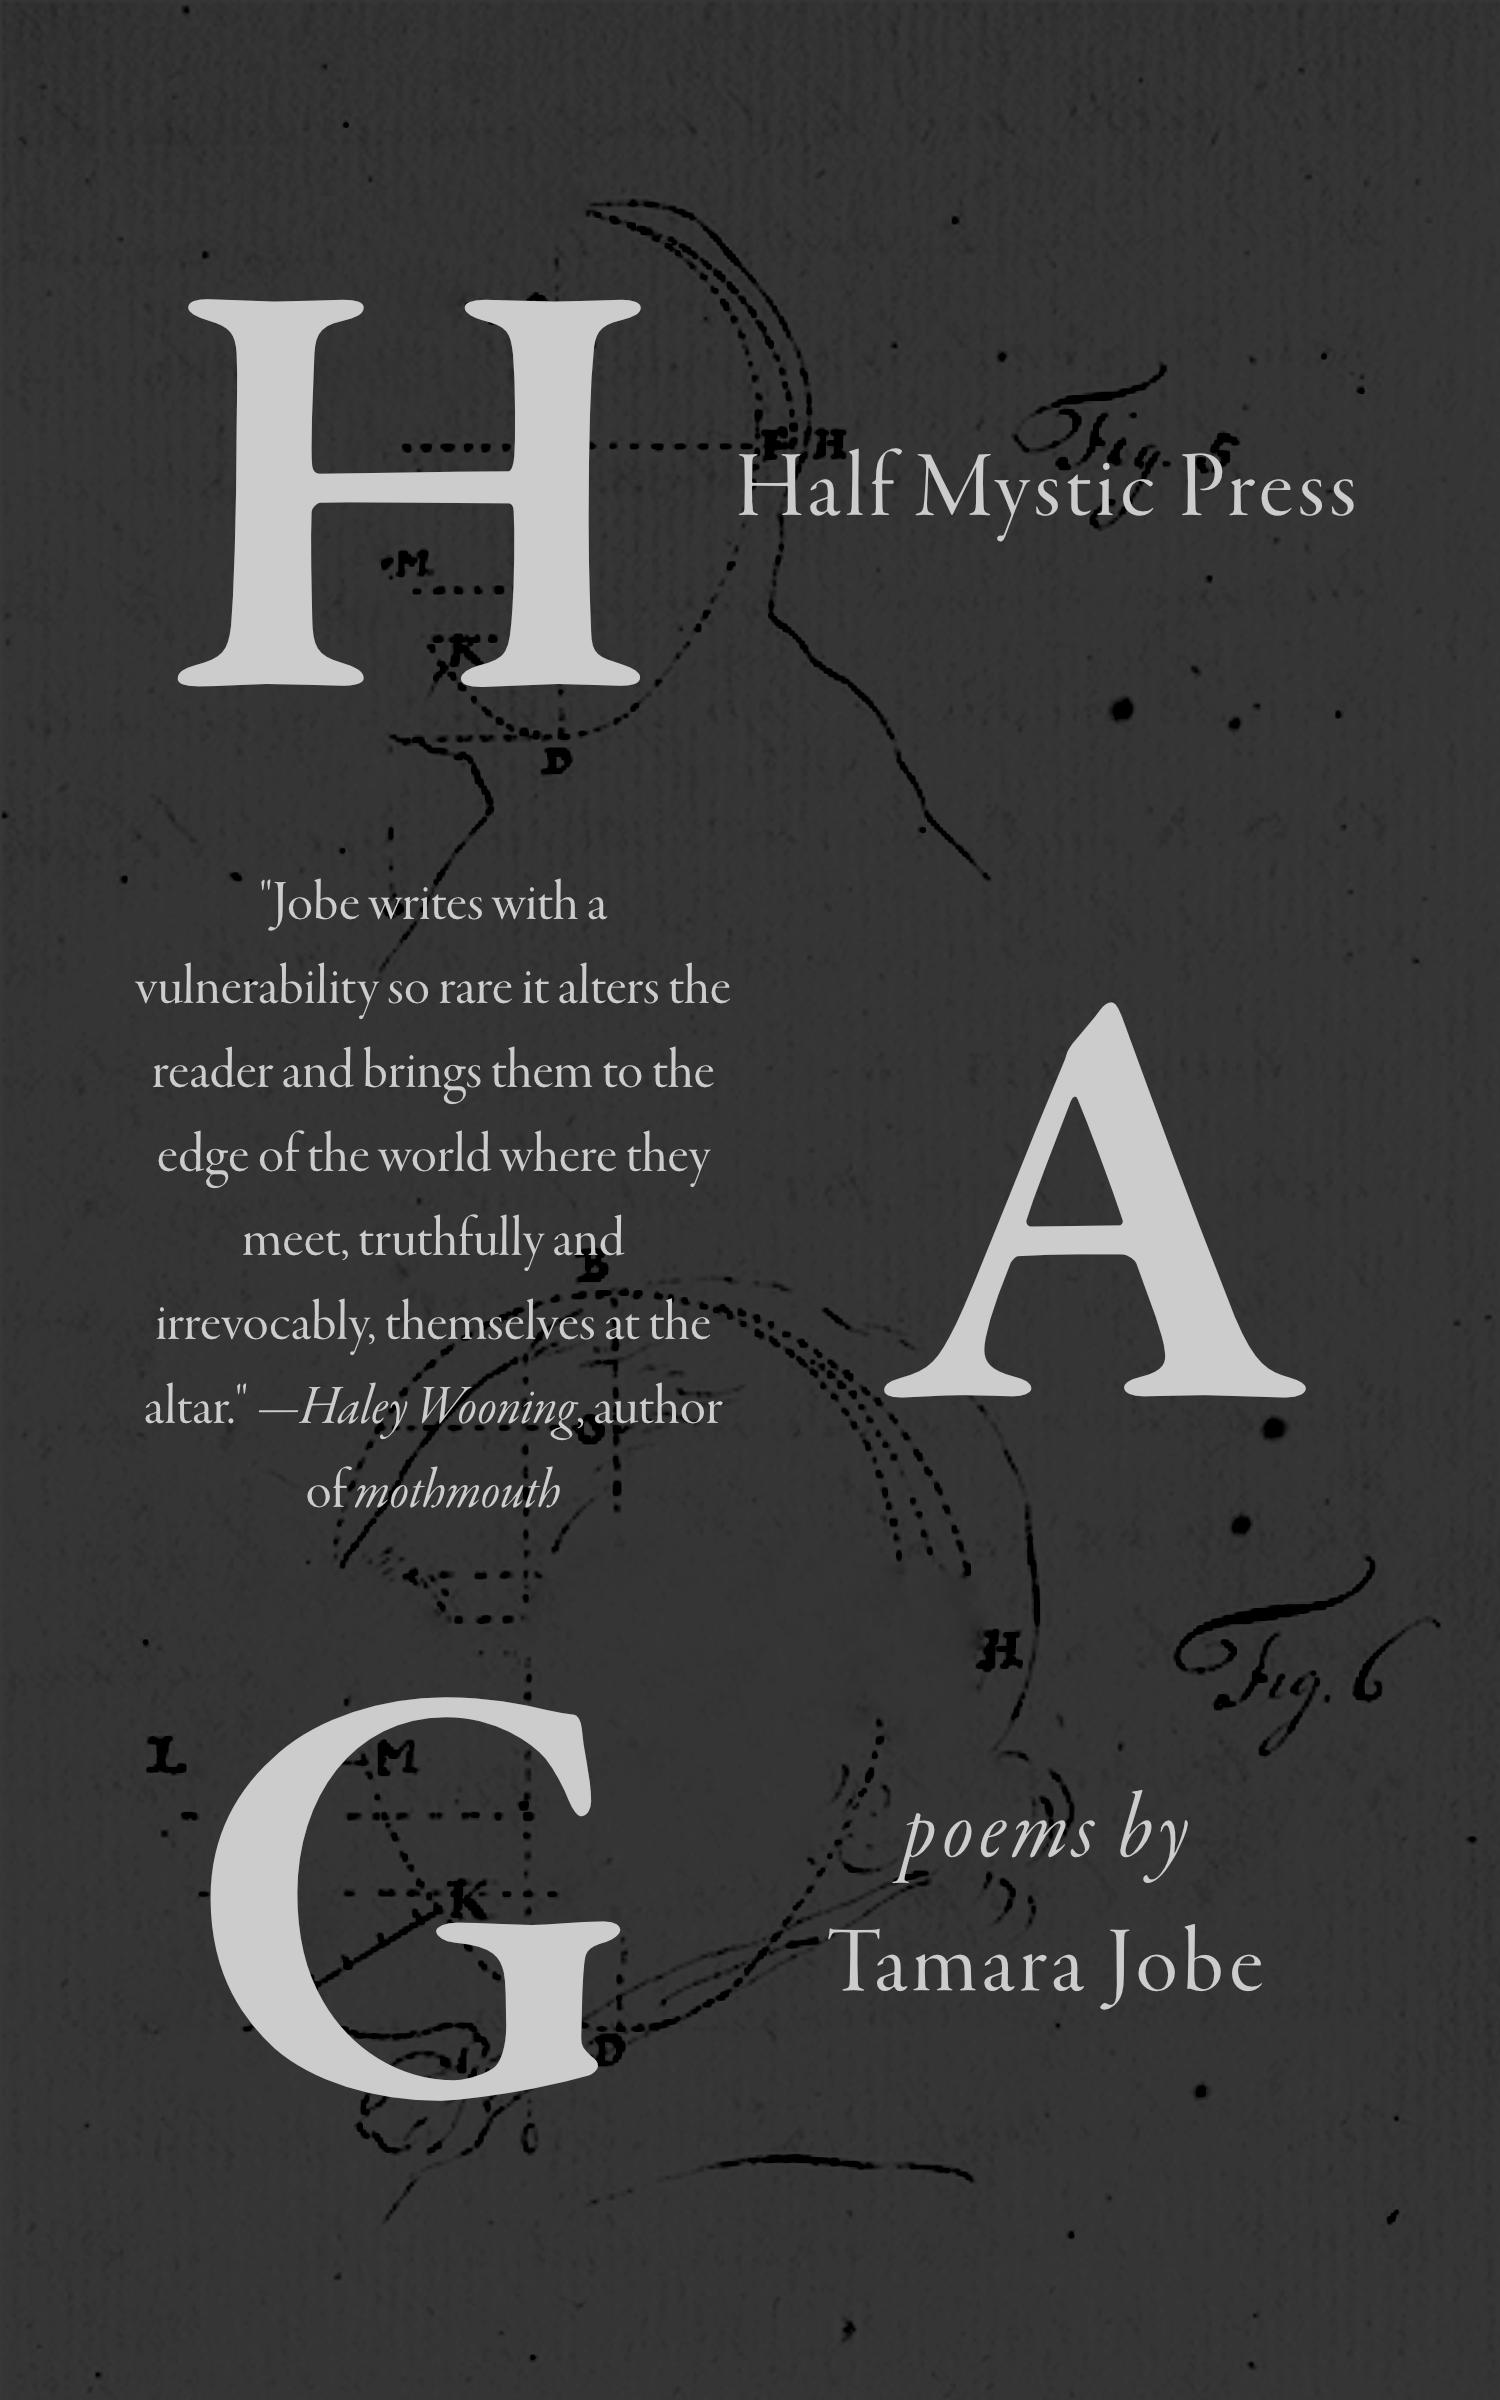 $7.00 at  Half Mystic Press